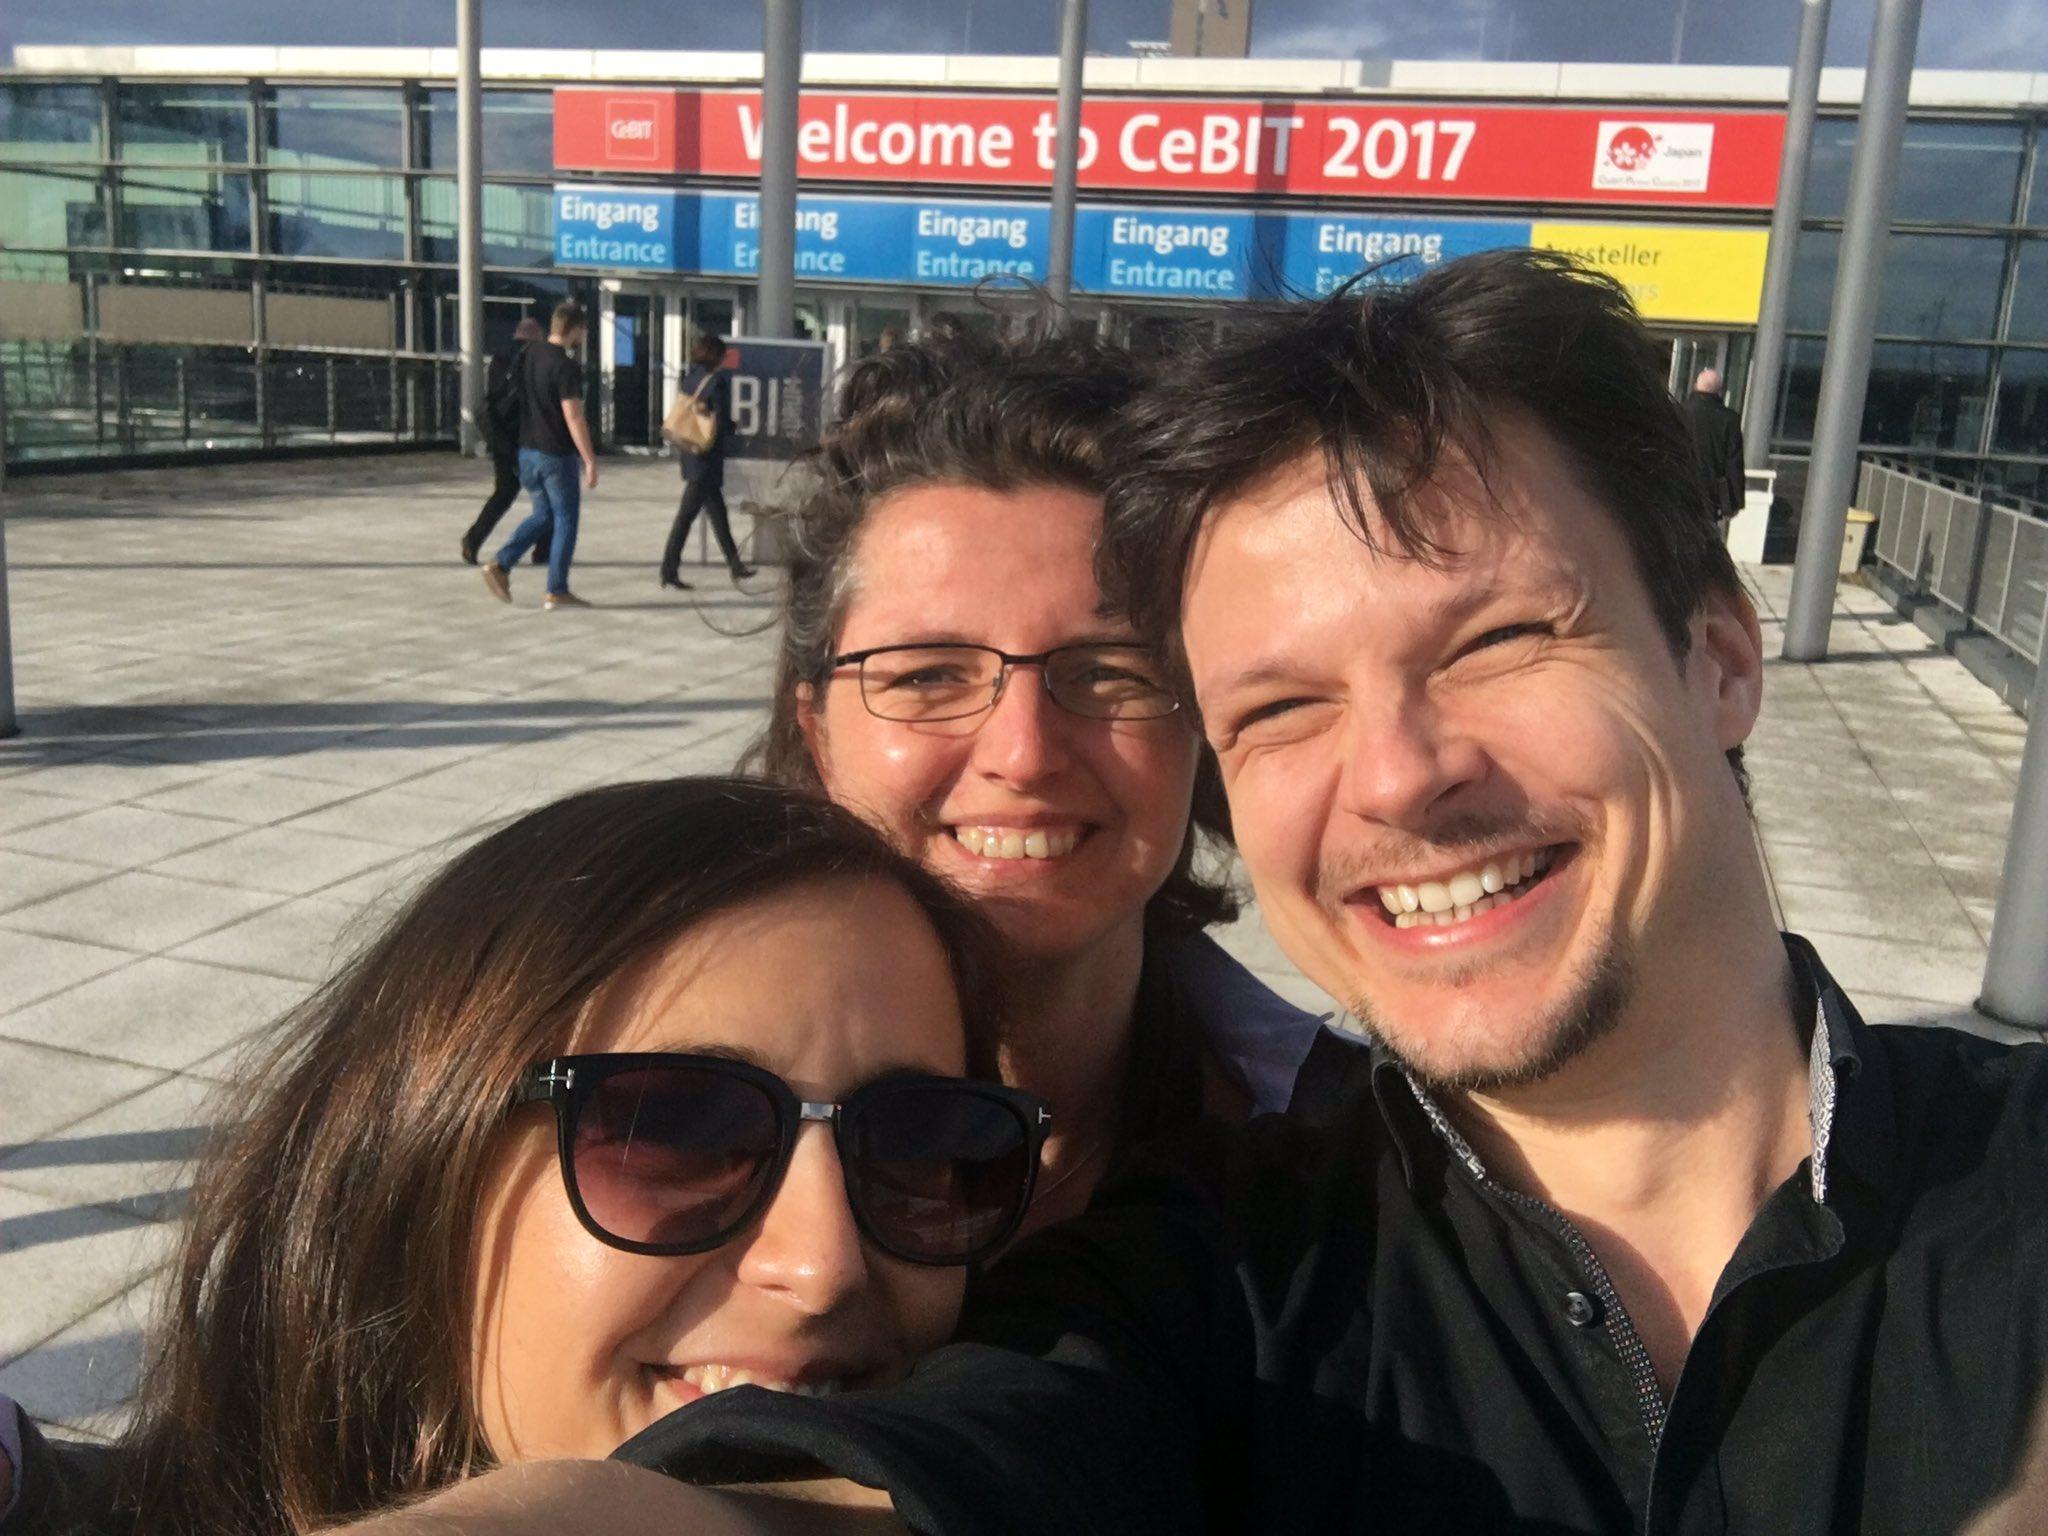 Viele Grüße vom Avilox-Team von der   @cebit  @cebiteda #cebiteda! https://t.co/XNXLGCdkPK